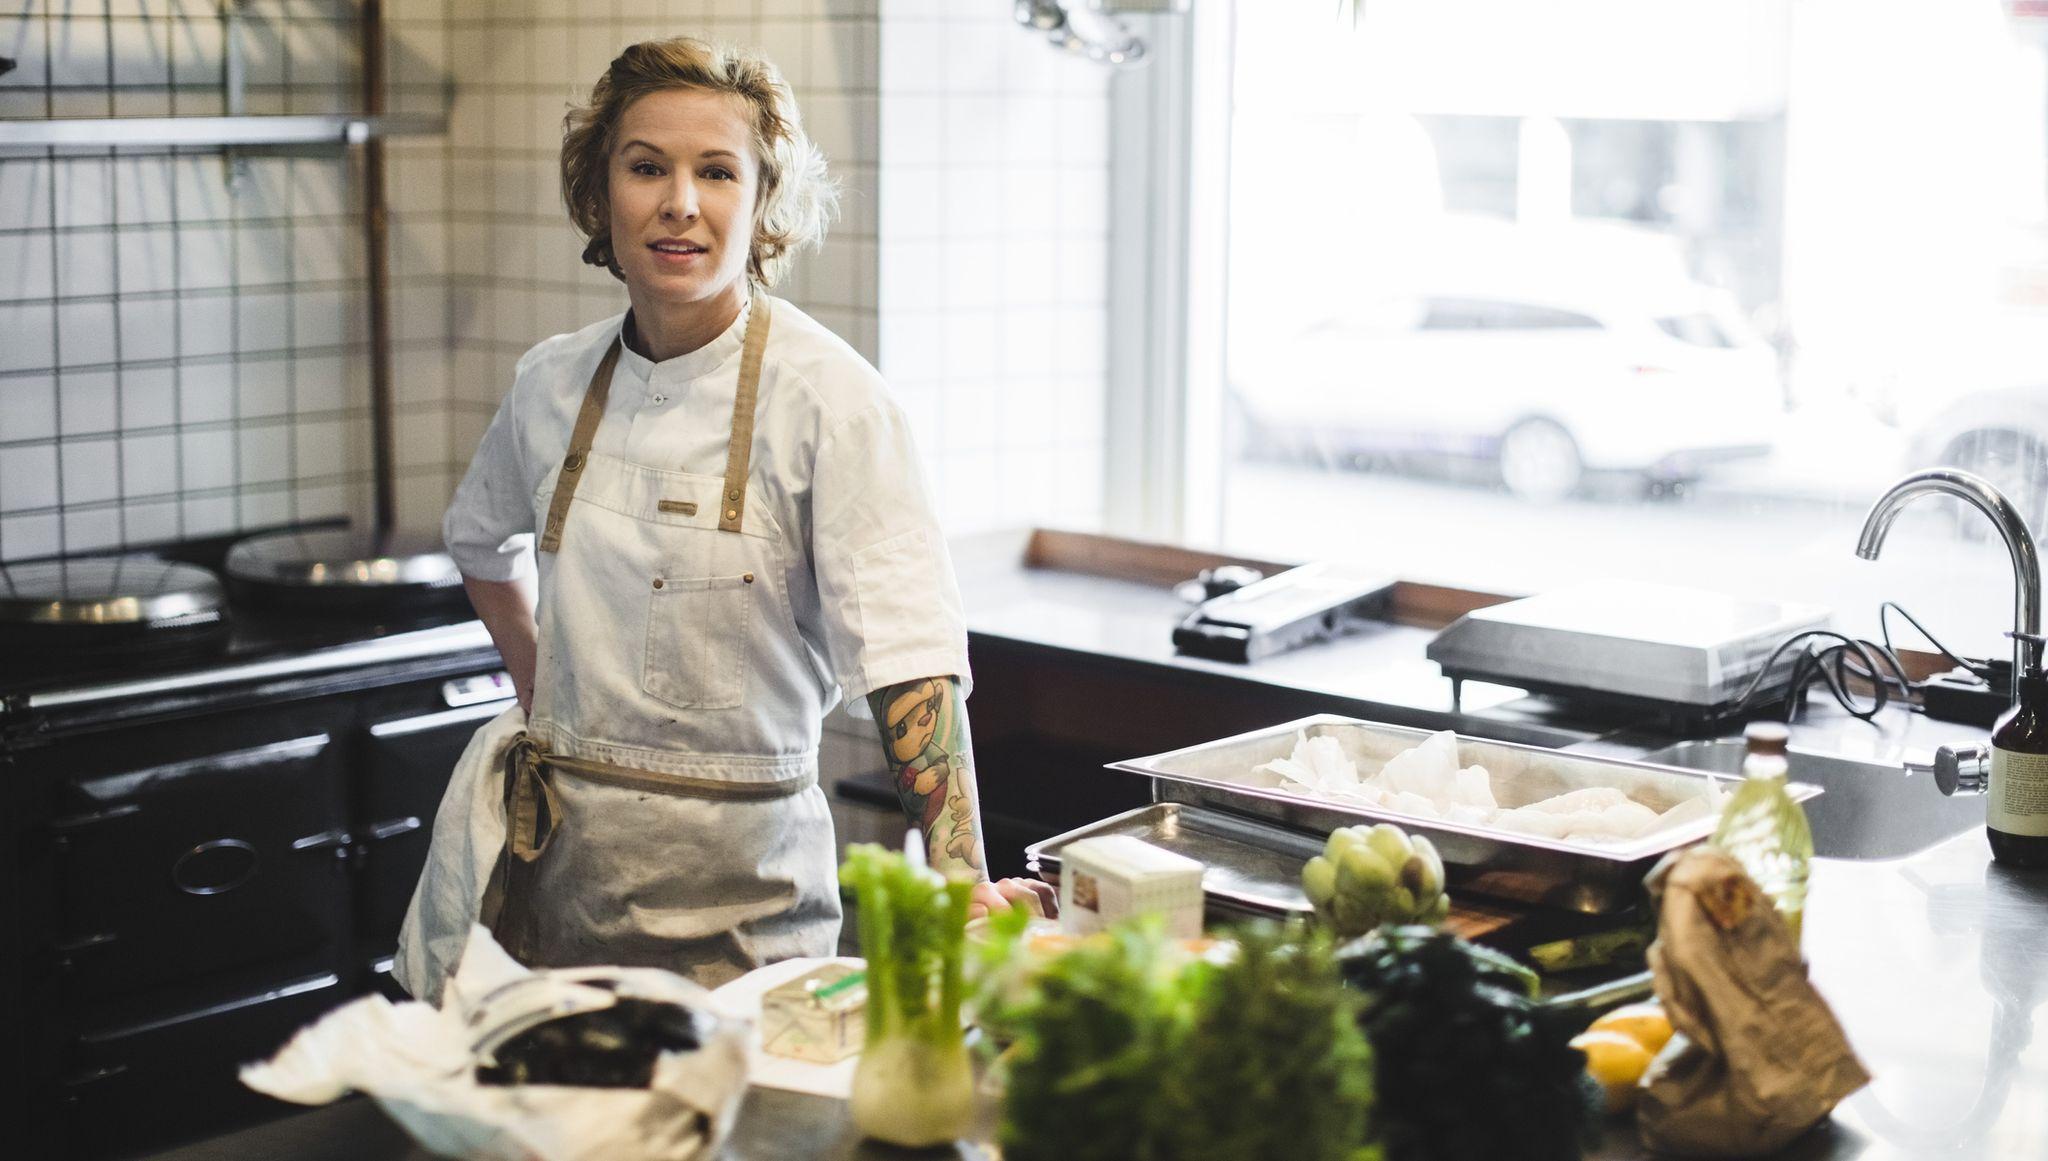 Che cos'è il queer food e dove ci porterà?